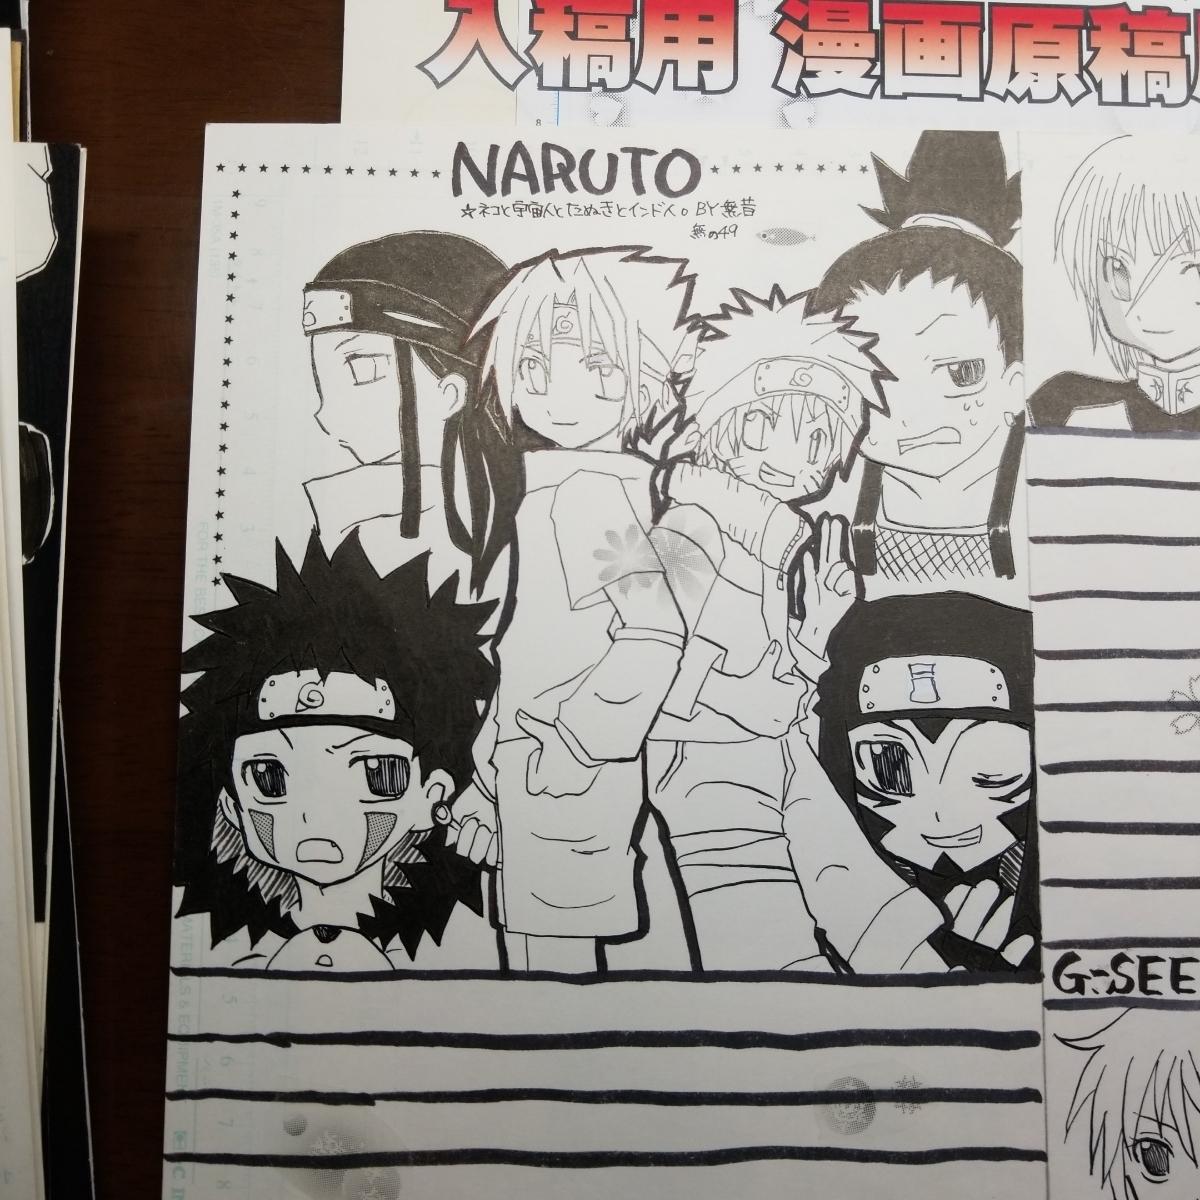 同人手描きイラスト Naruto ガンダムseed の落札情報詳細 ヤフオク落札